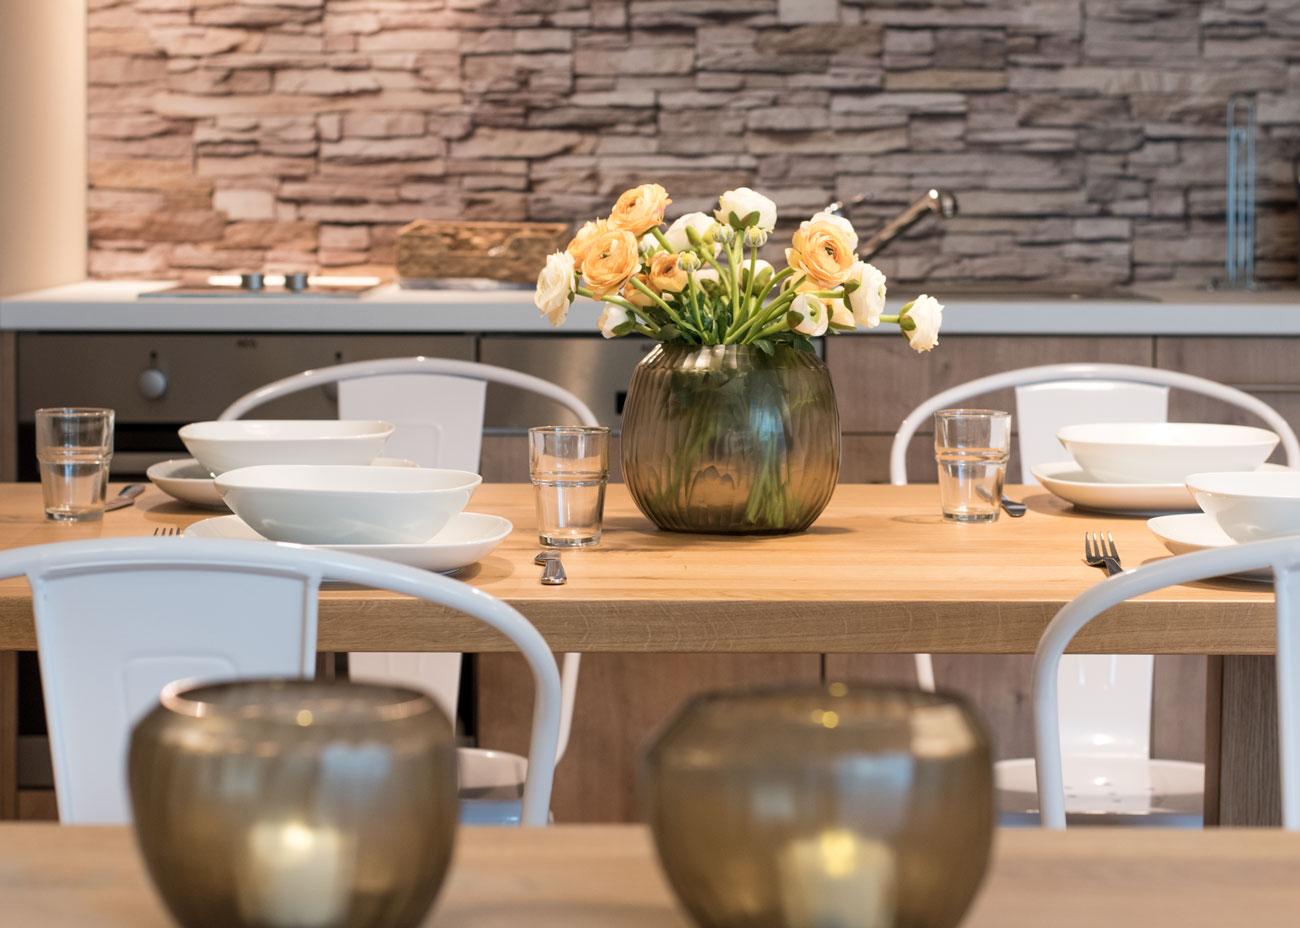 Ferienwohnung einrichten essentisch holz gedeckt mit stühlen weiss blumen vase